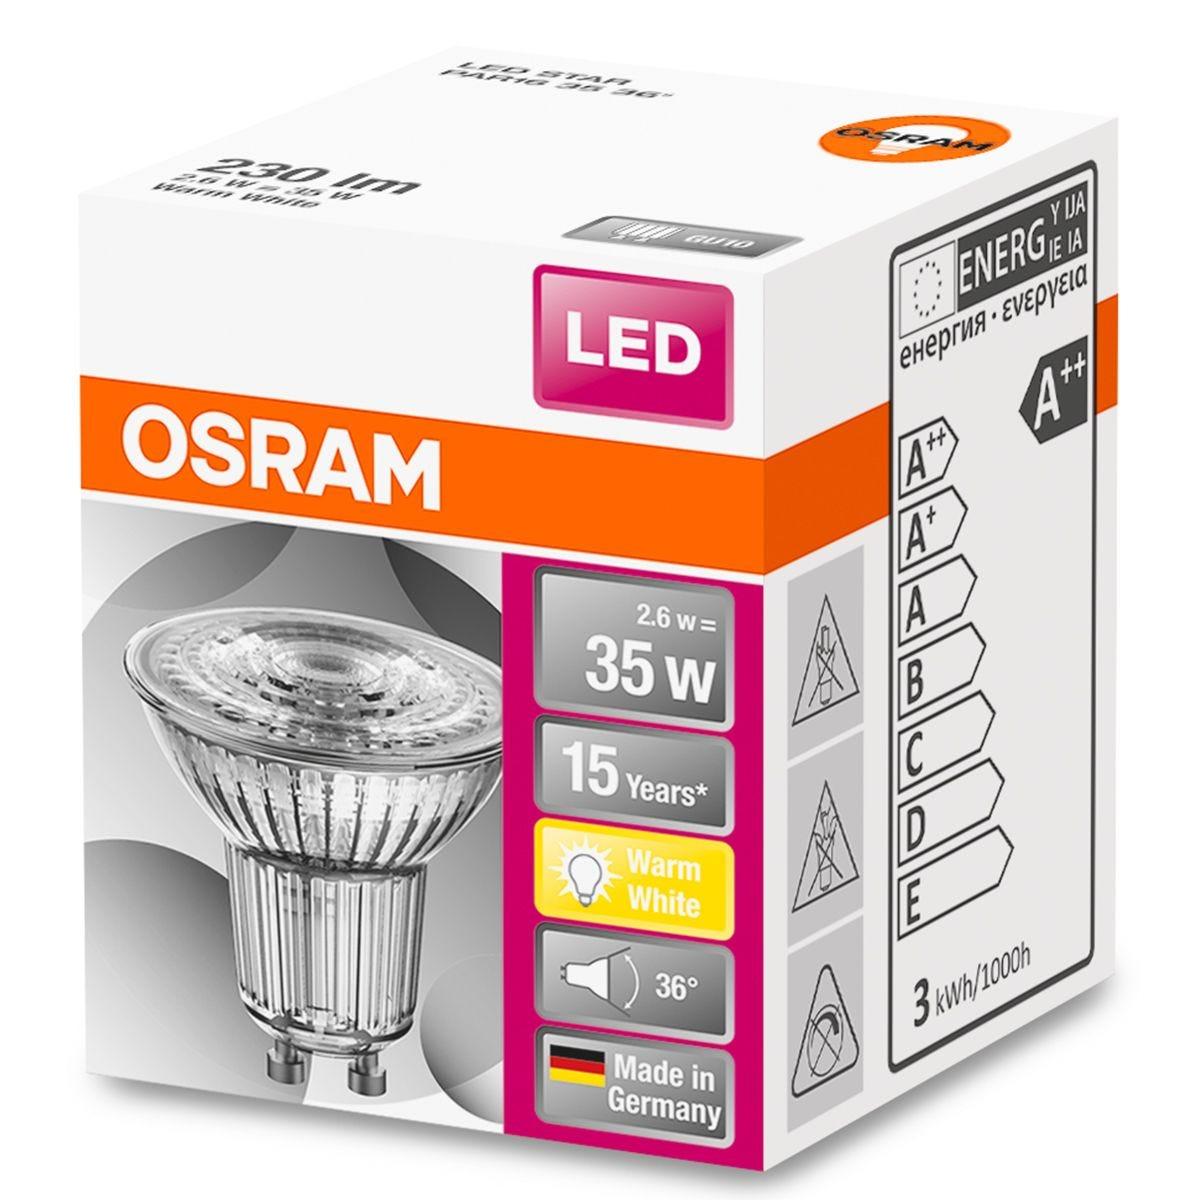 Osram 35W GU10 LED Bulb - Warm White